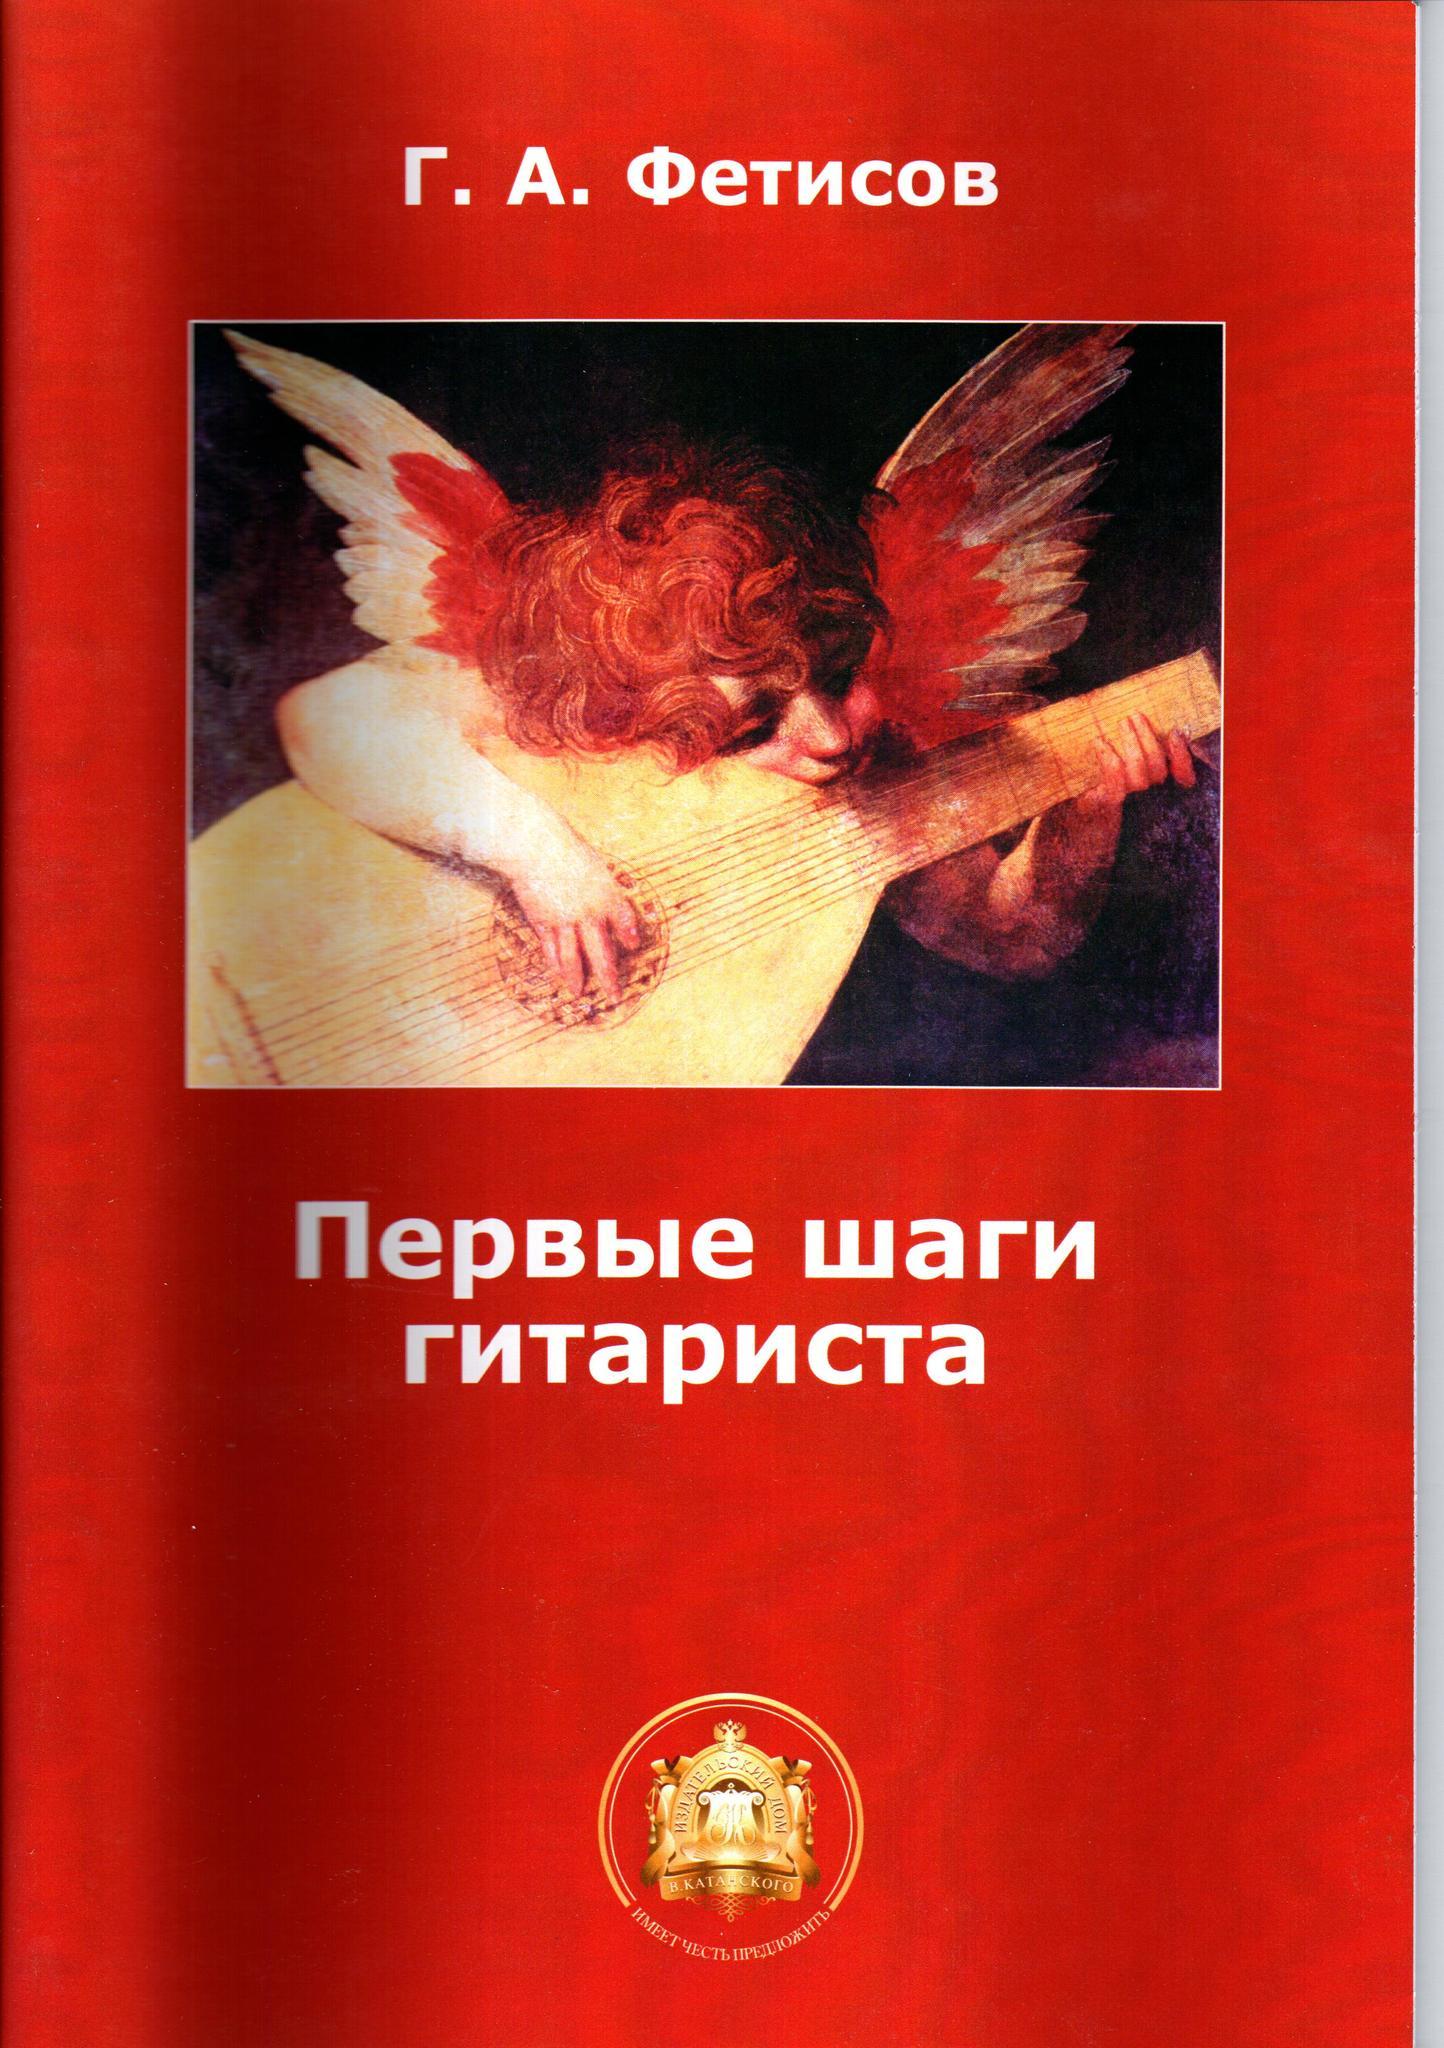 Фетисов Г. А. Первые шаги гитариста. Тетрадь 1.